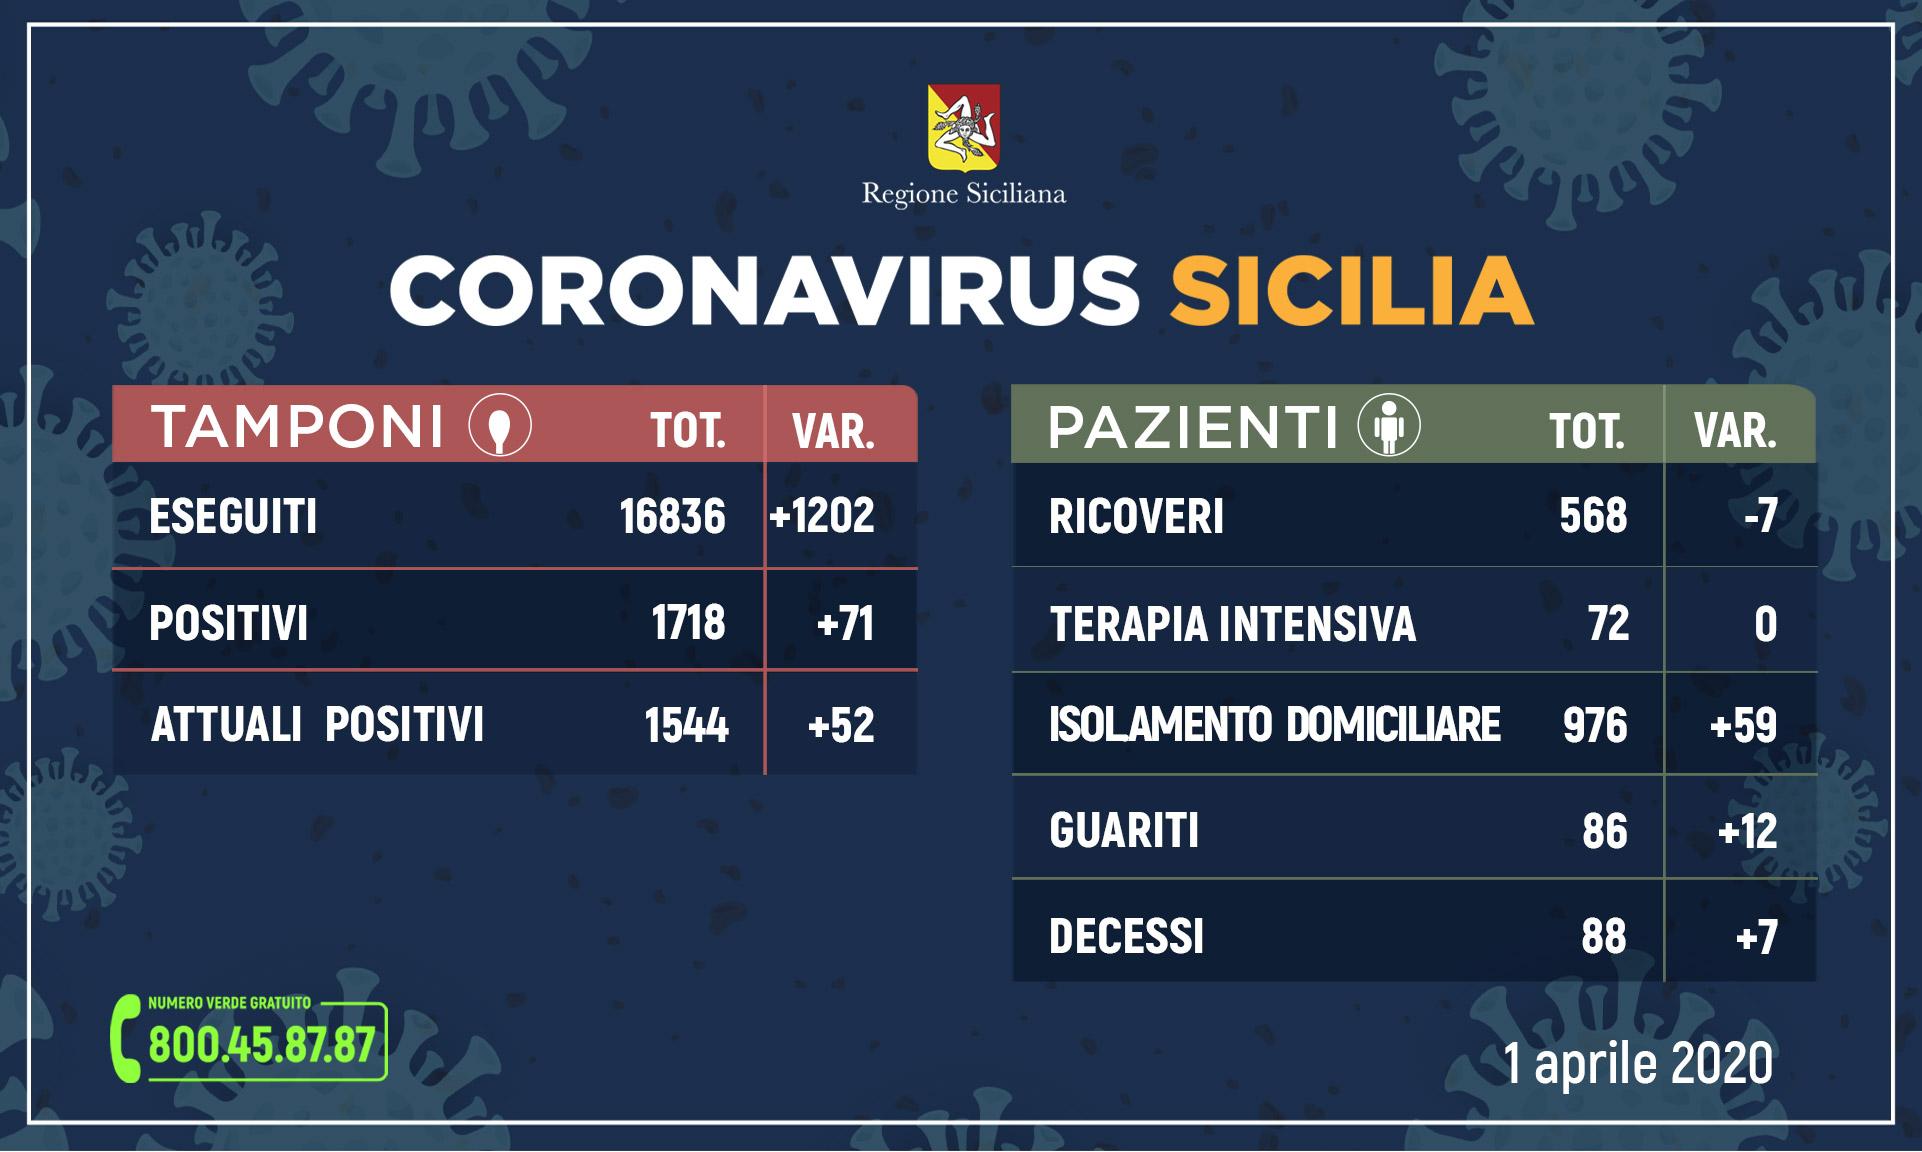 Coronavirus, in Sicilia, 1.544 positivi e 86 guariti